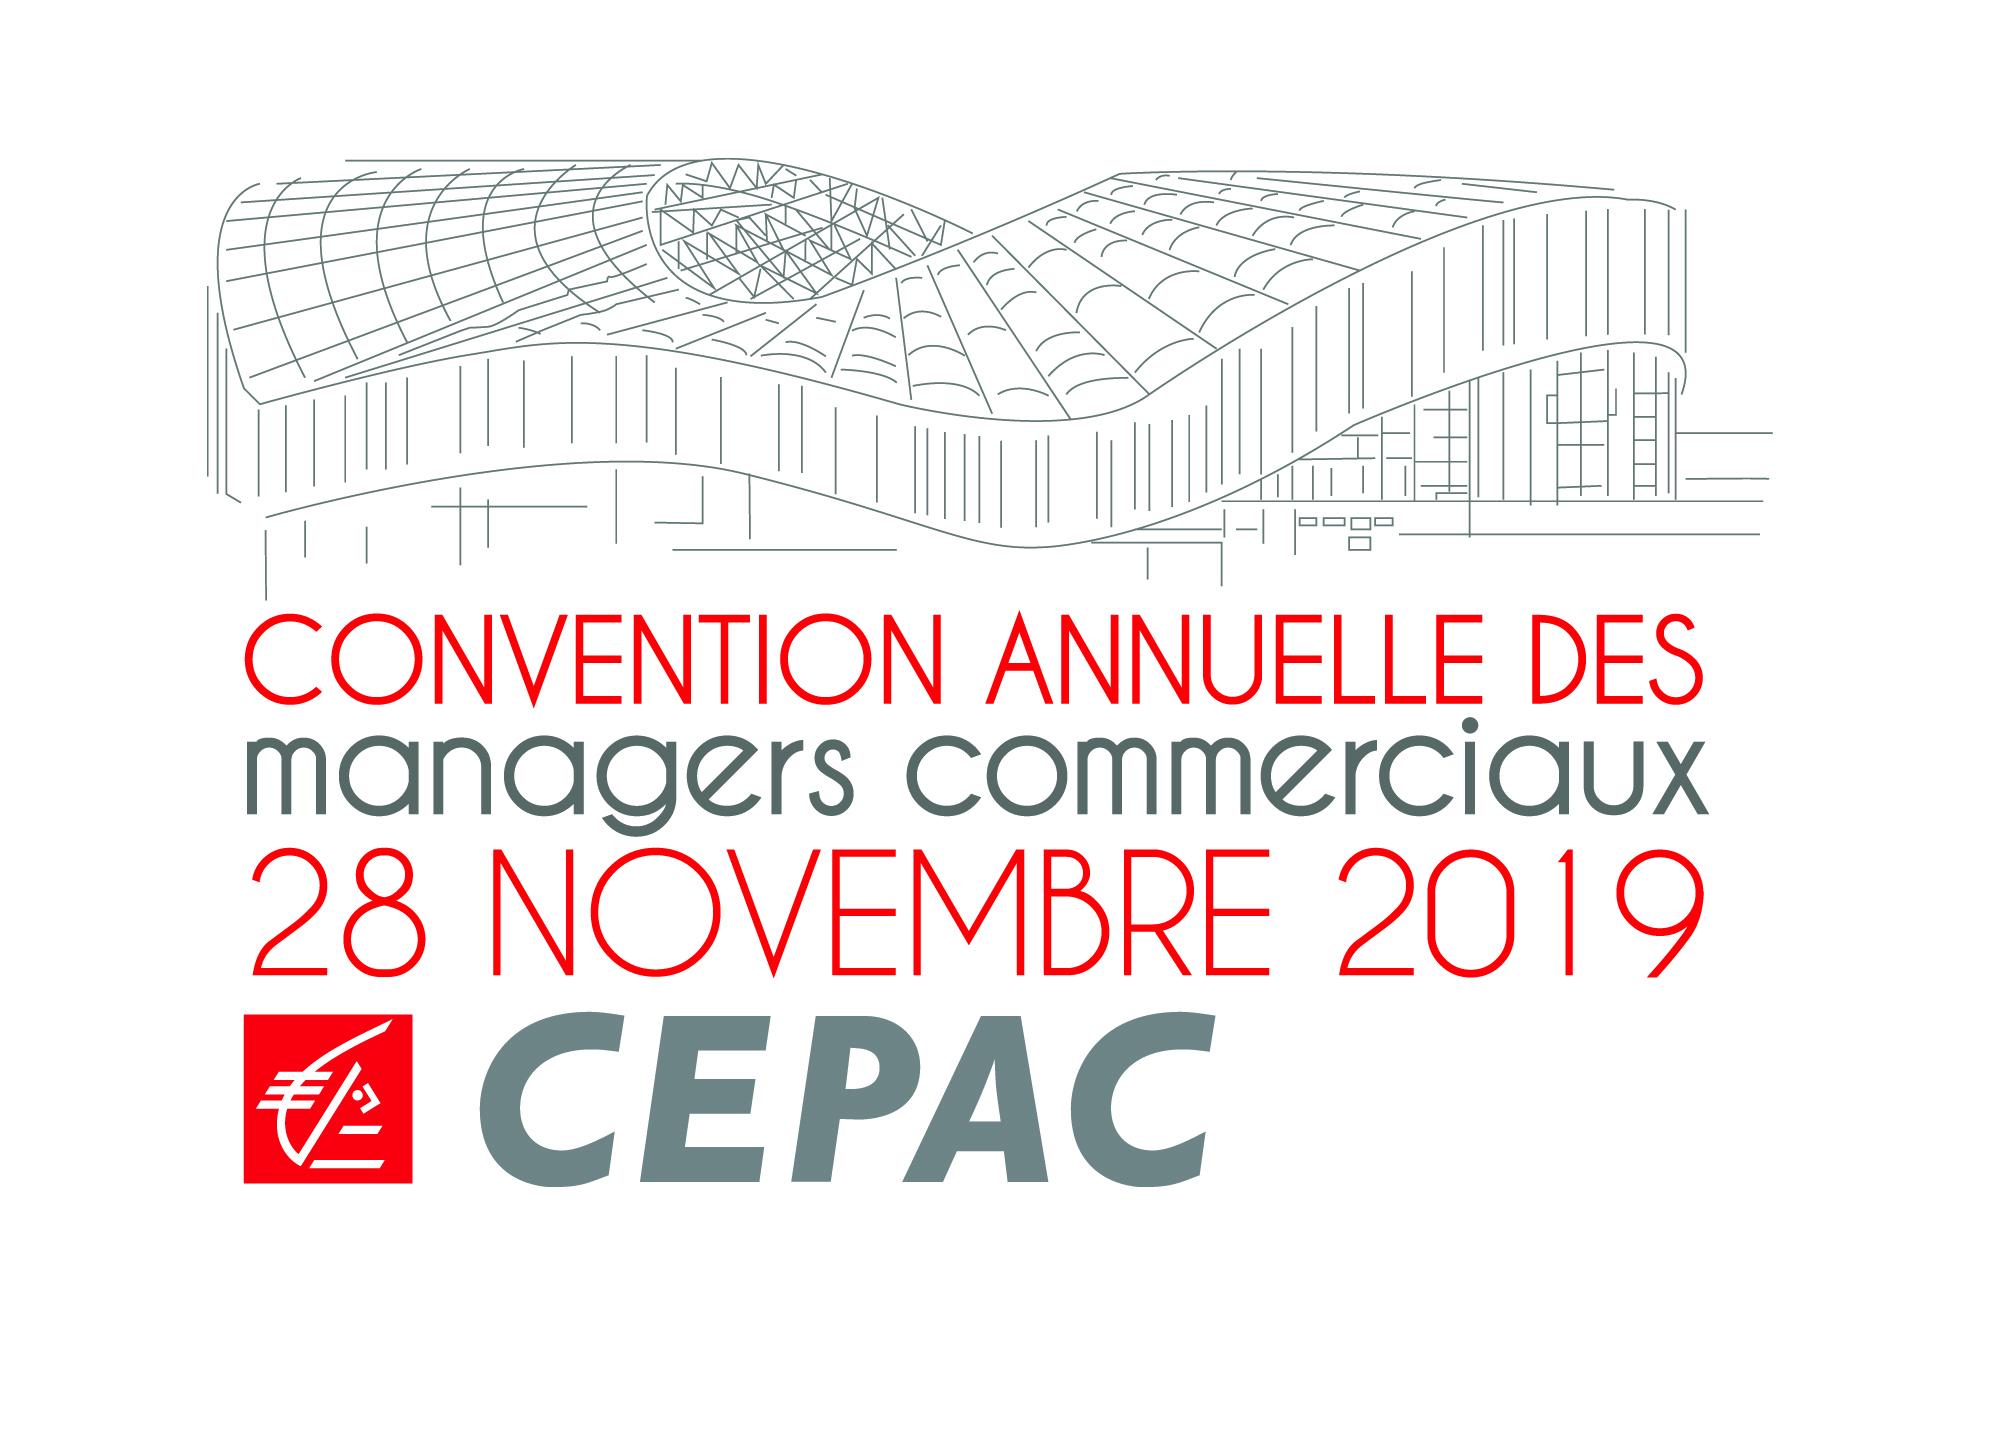 CEPAC - LA RENCONTRE DES MANAGERS COMMERCIAUX